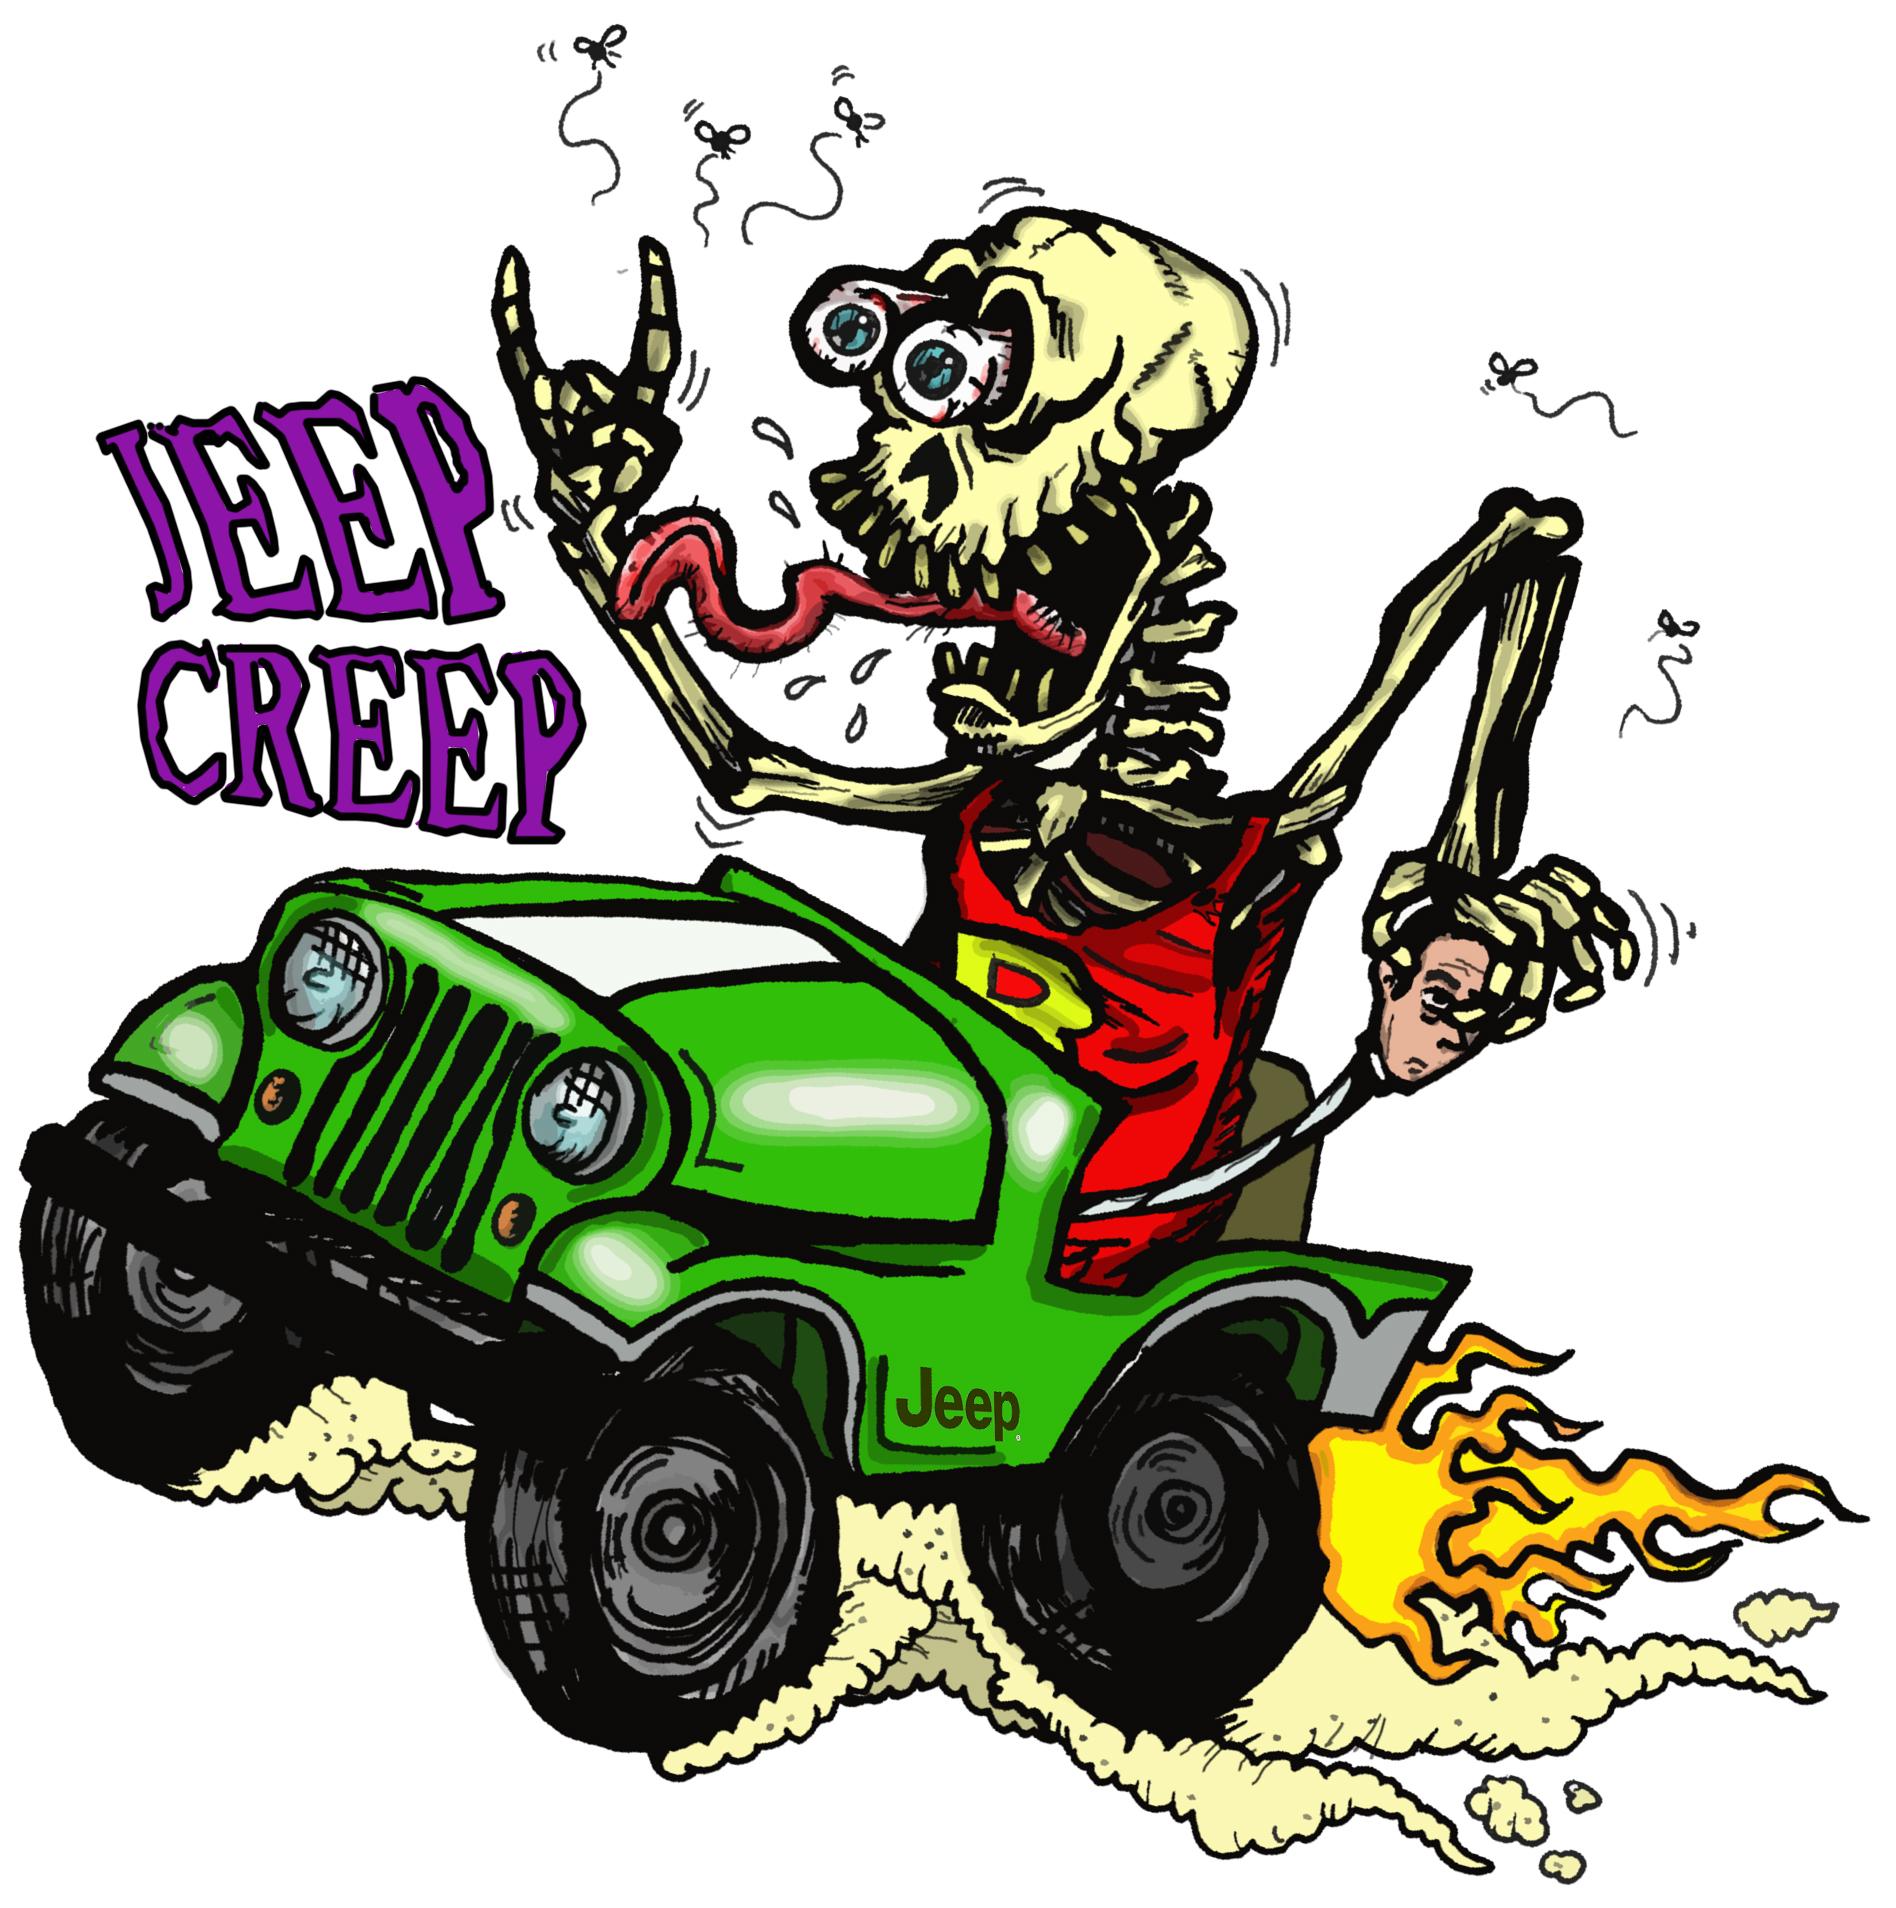 Jeep Creep Quot Rat Fink Style Quot 4 Quot X 4 Quot Die Cut Sticker